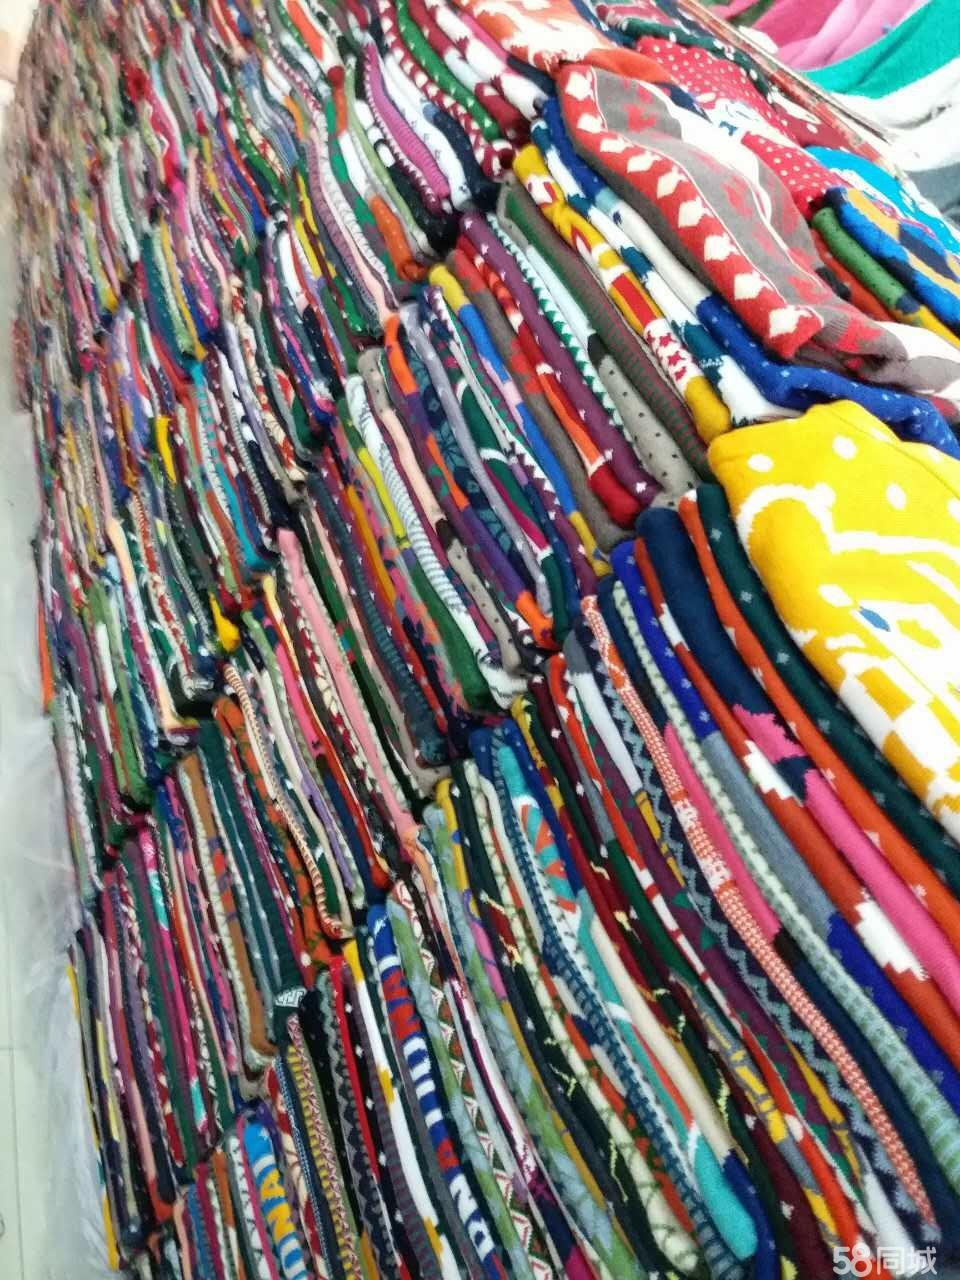 北京便宜外贸尾货服装批发,毛衣,棉服羽绒服便宜批发,5元